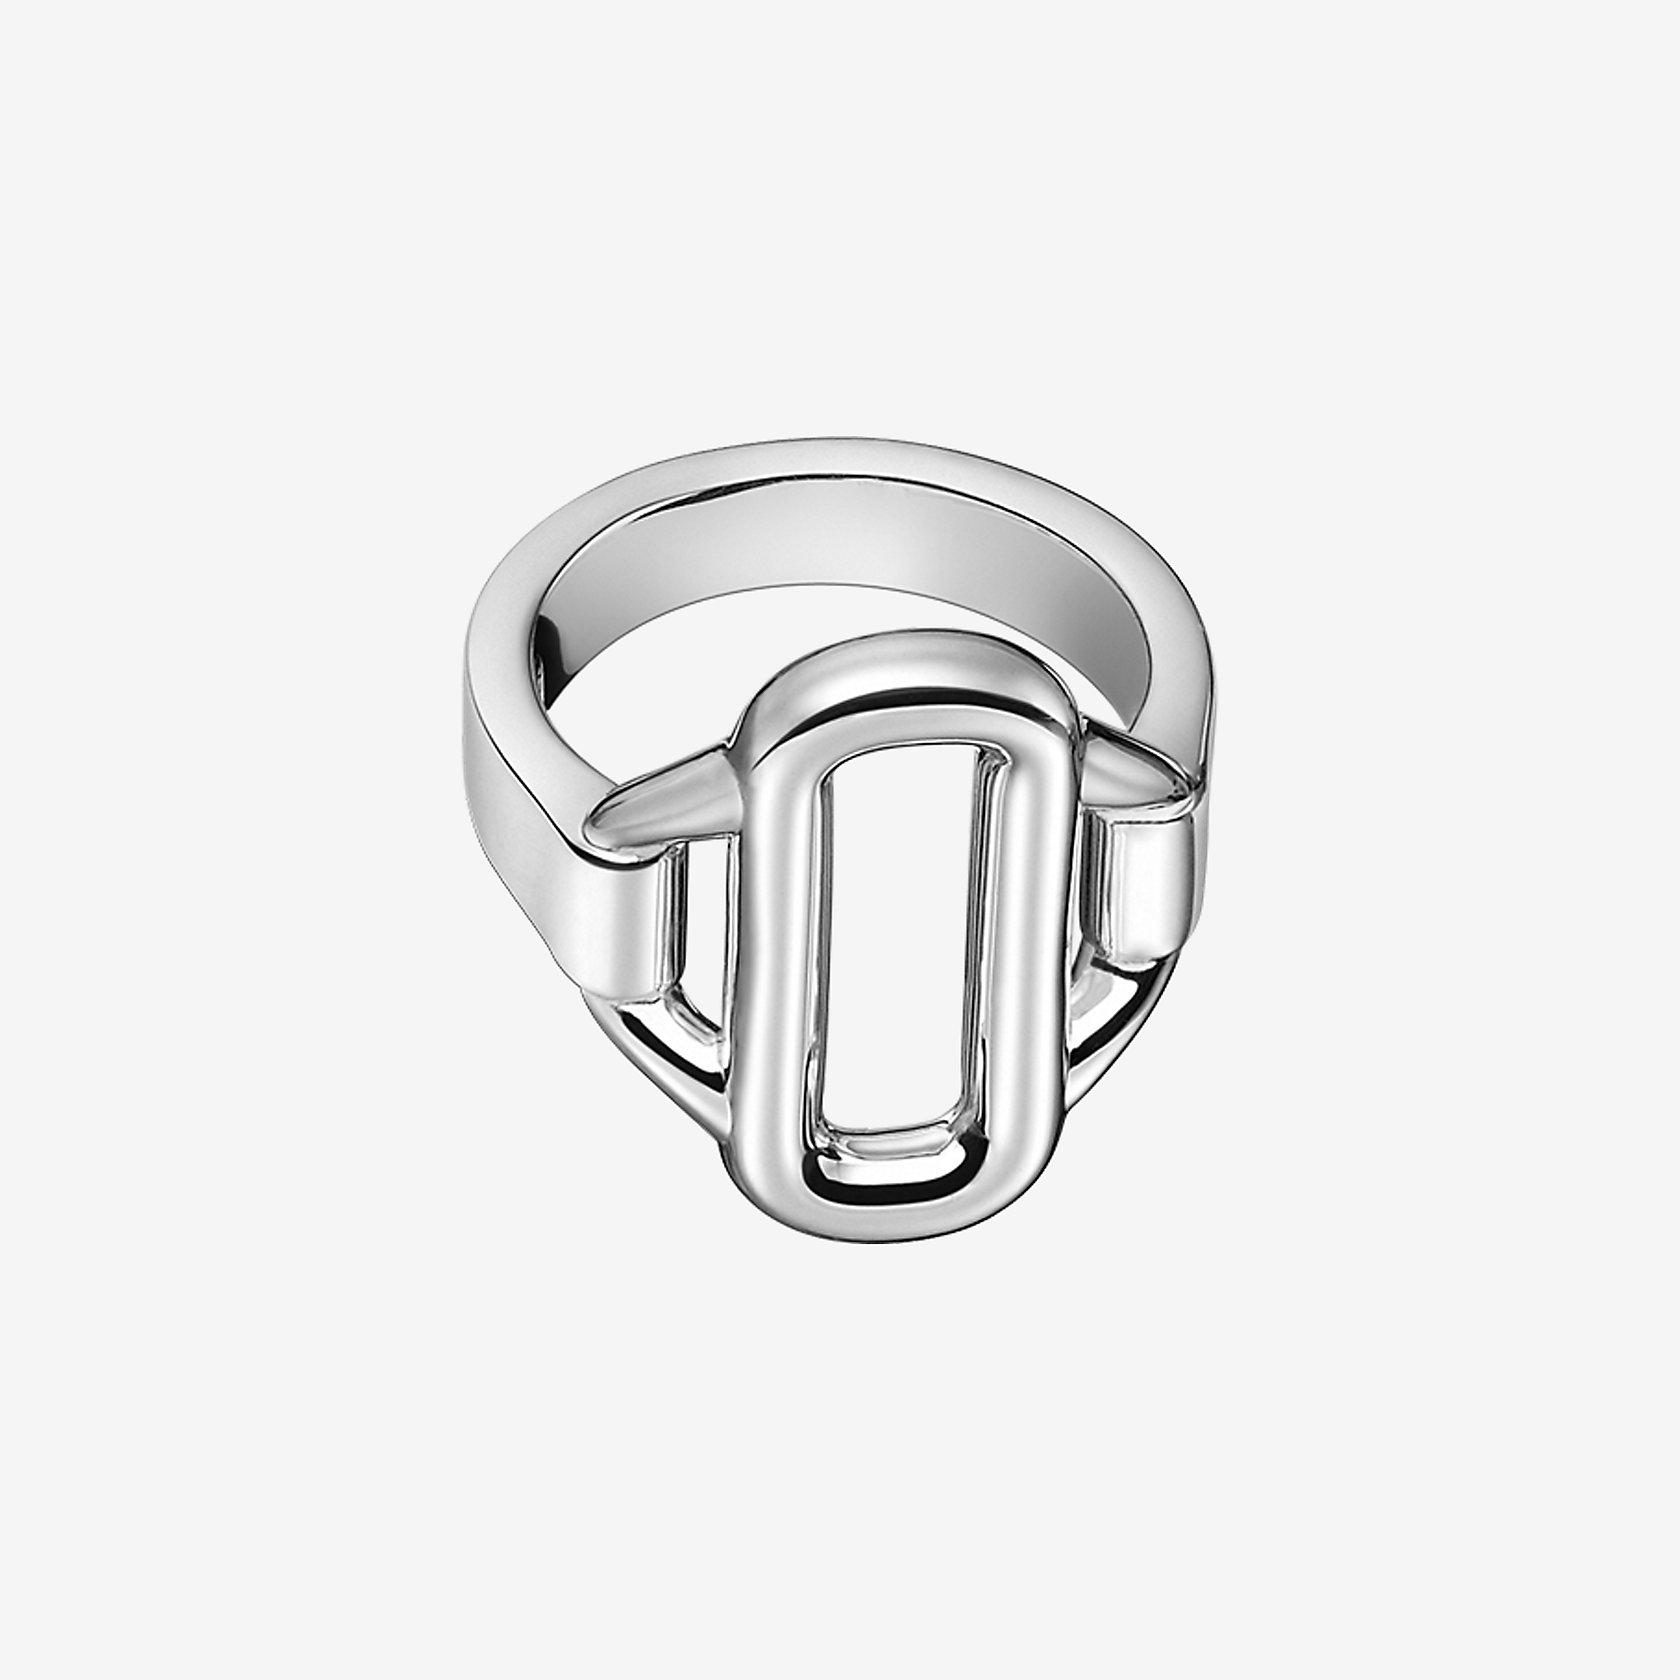 factory réel classé plusieurs couleurs salvare 6fda2 f42c9 anello hermes - hotelgalamilano.it